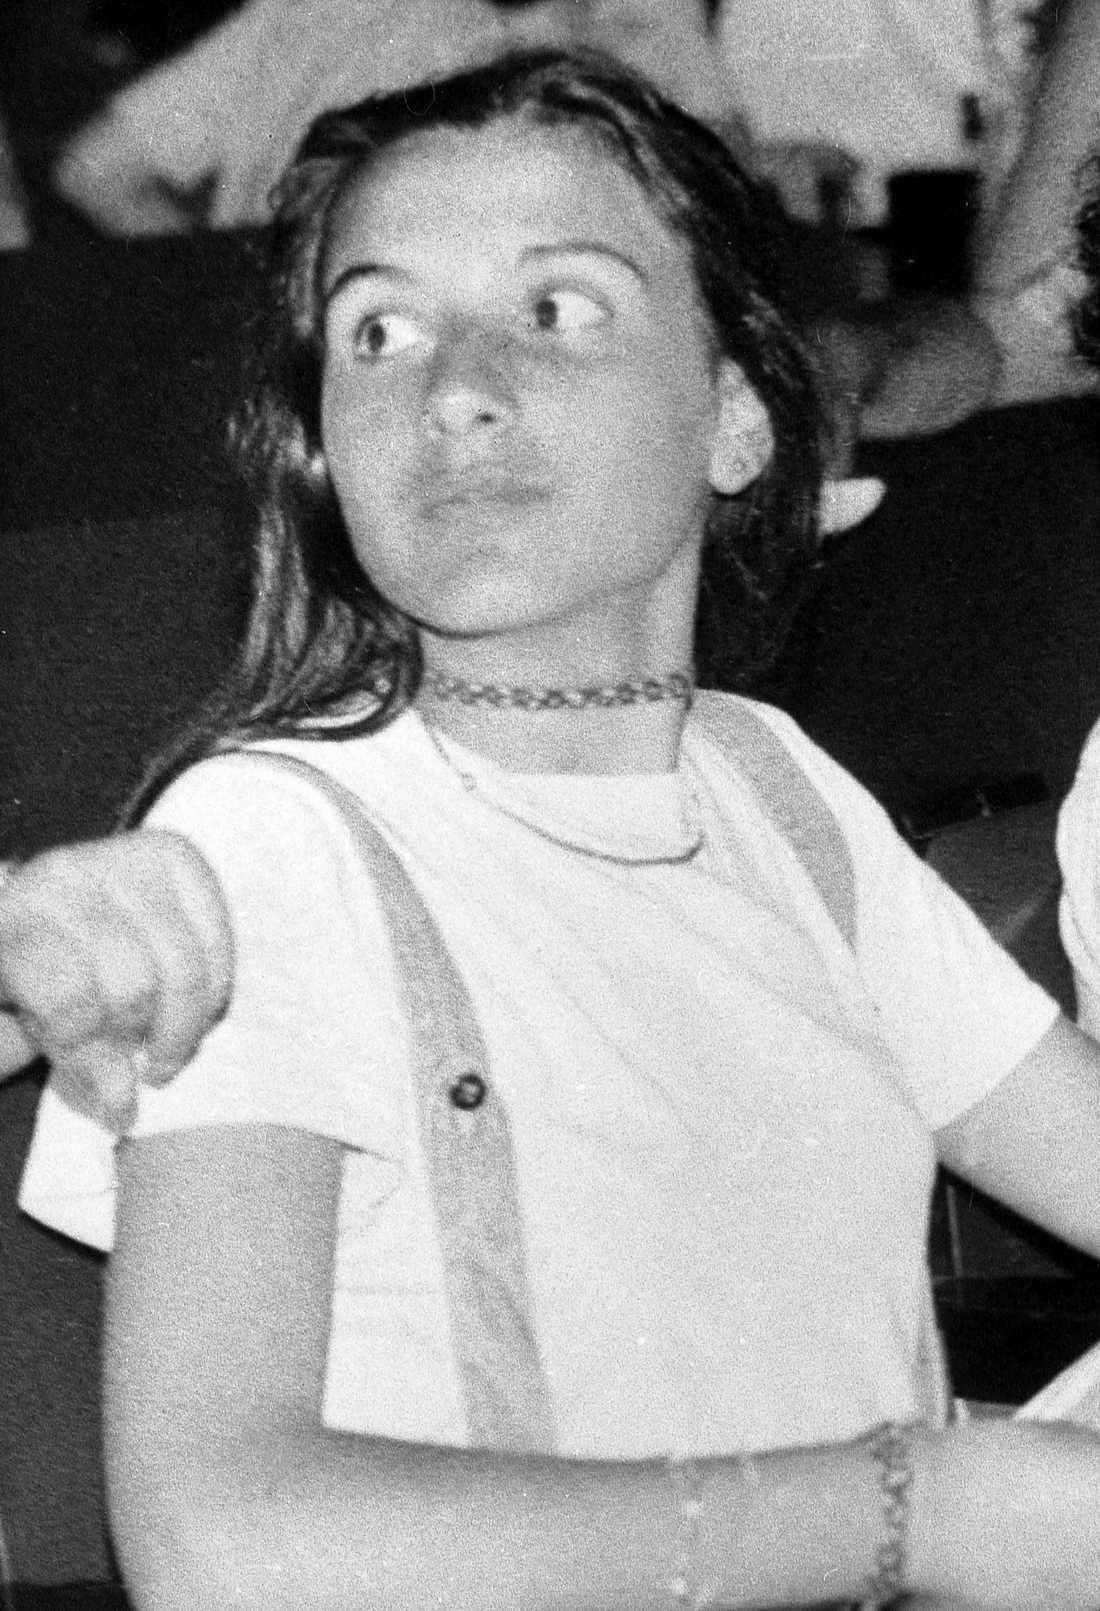 Emanuela Orlandi försvann i Vatikanen 1983